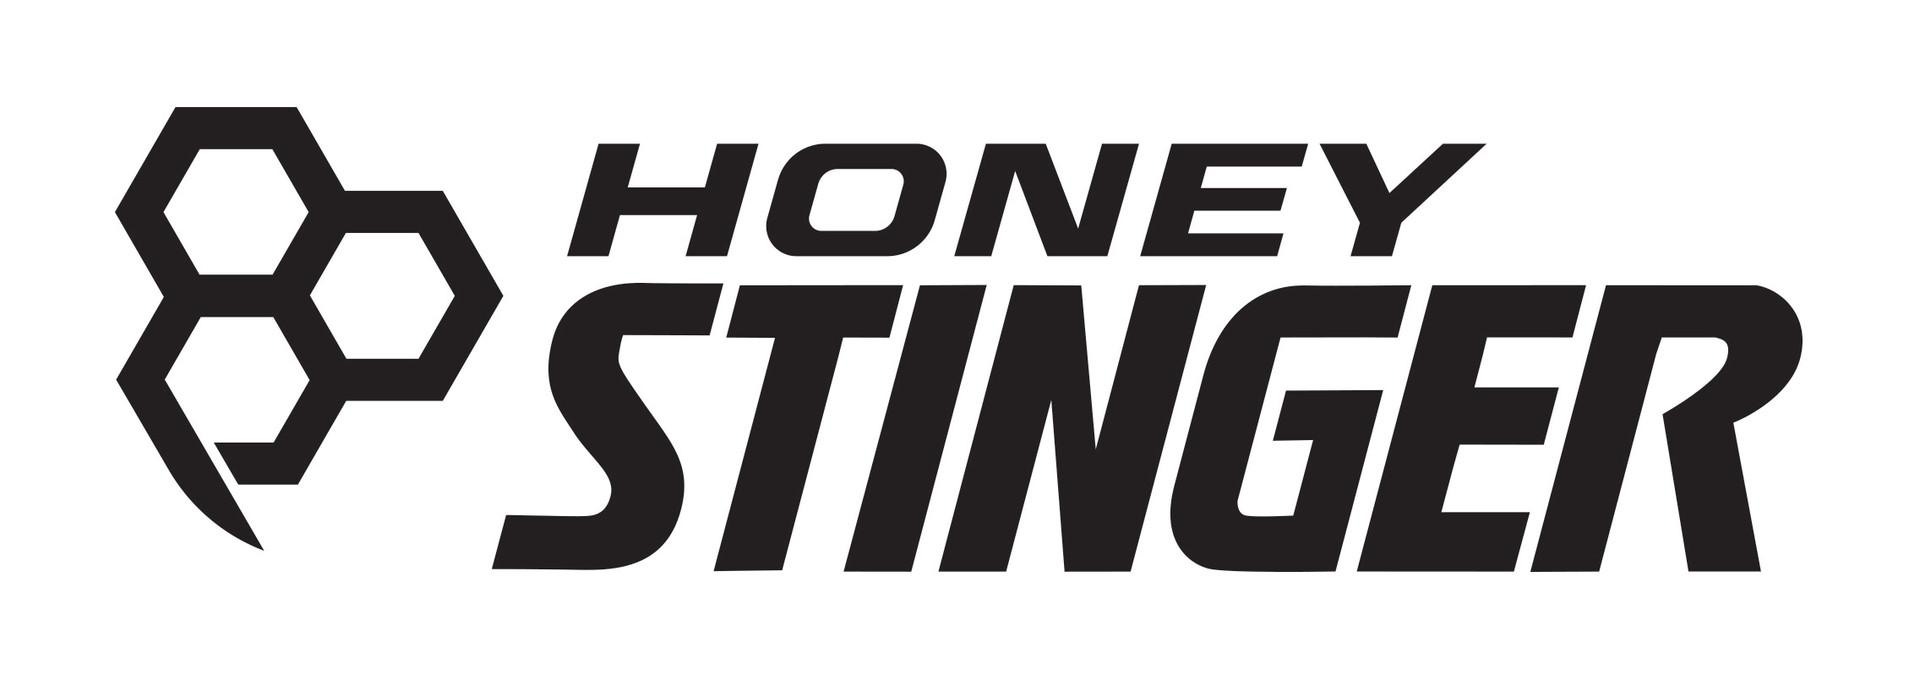 Honey Stinger Logo - 2019 - Black - Hori